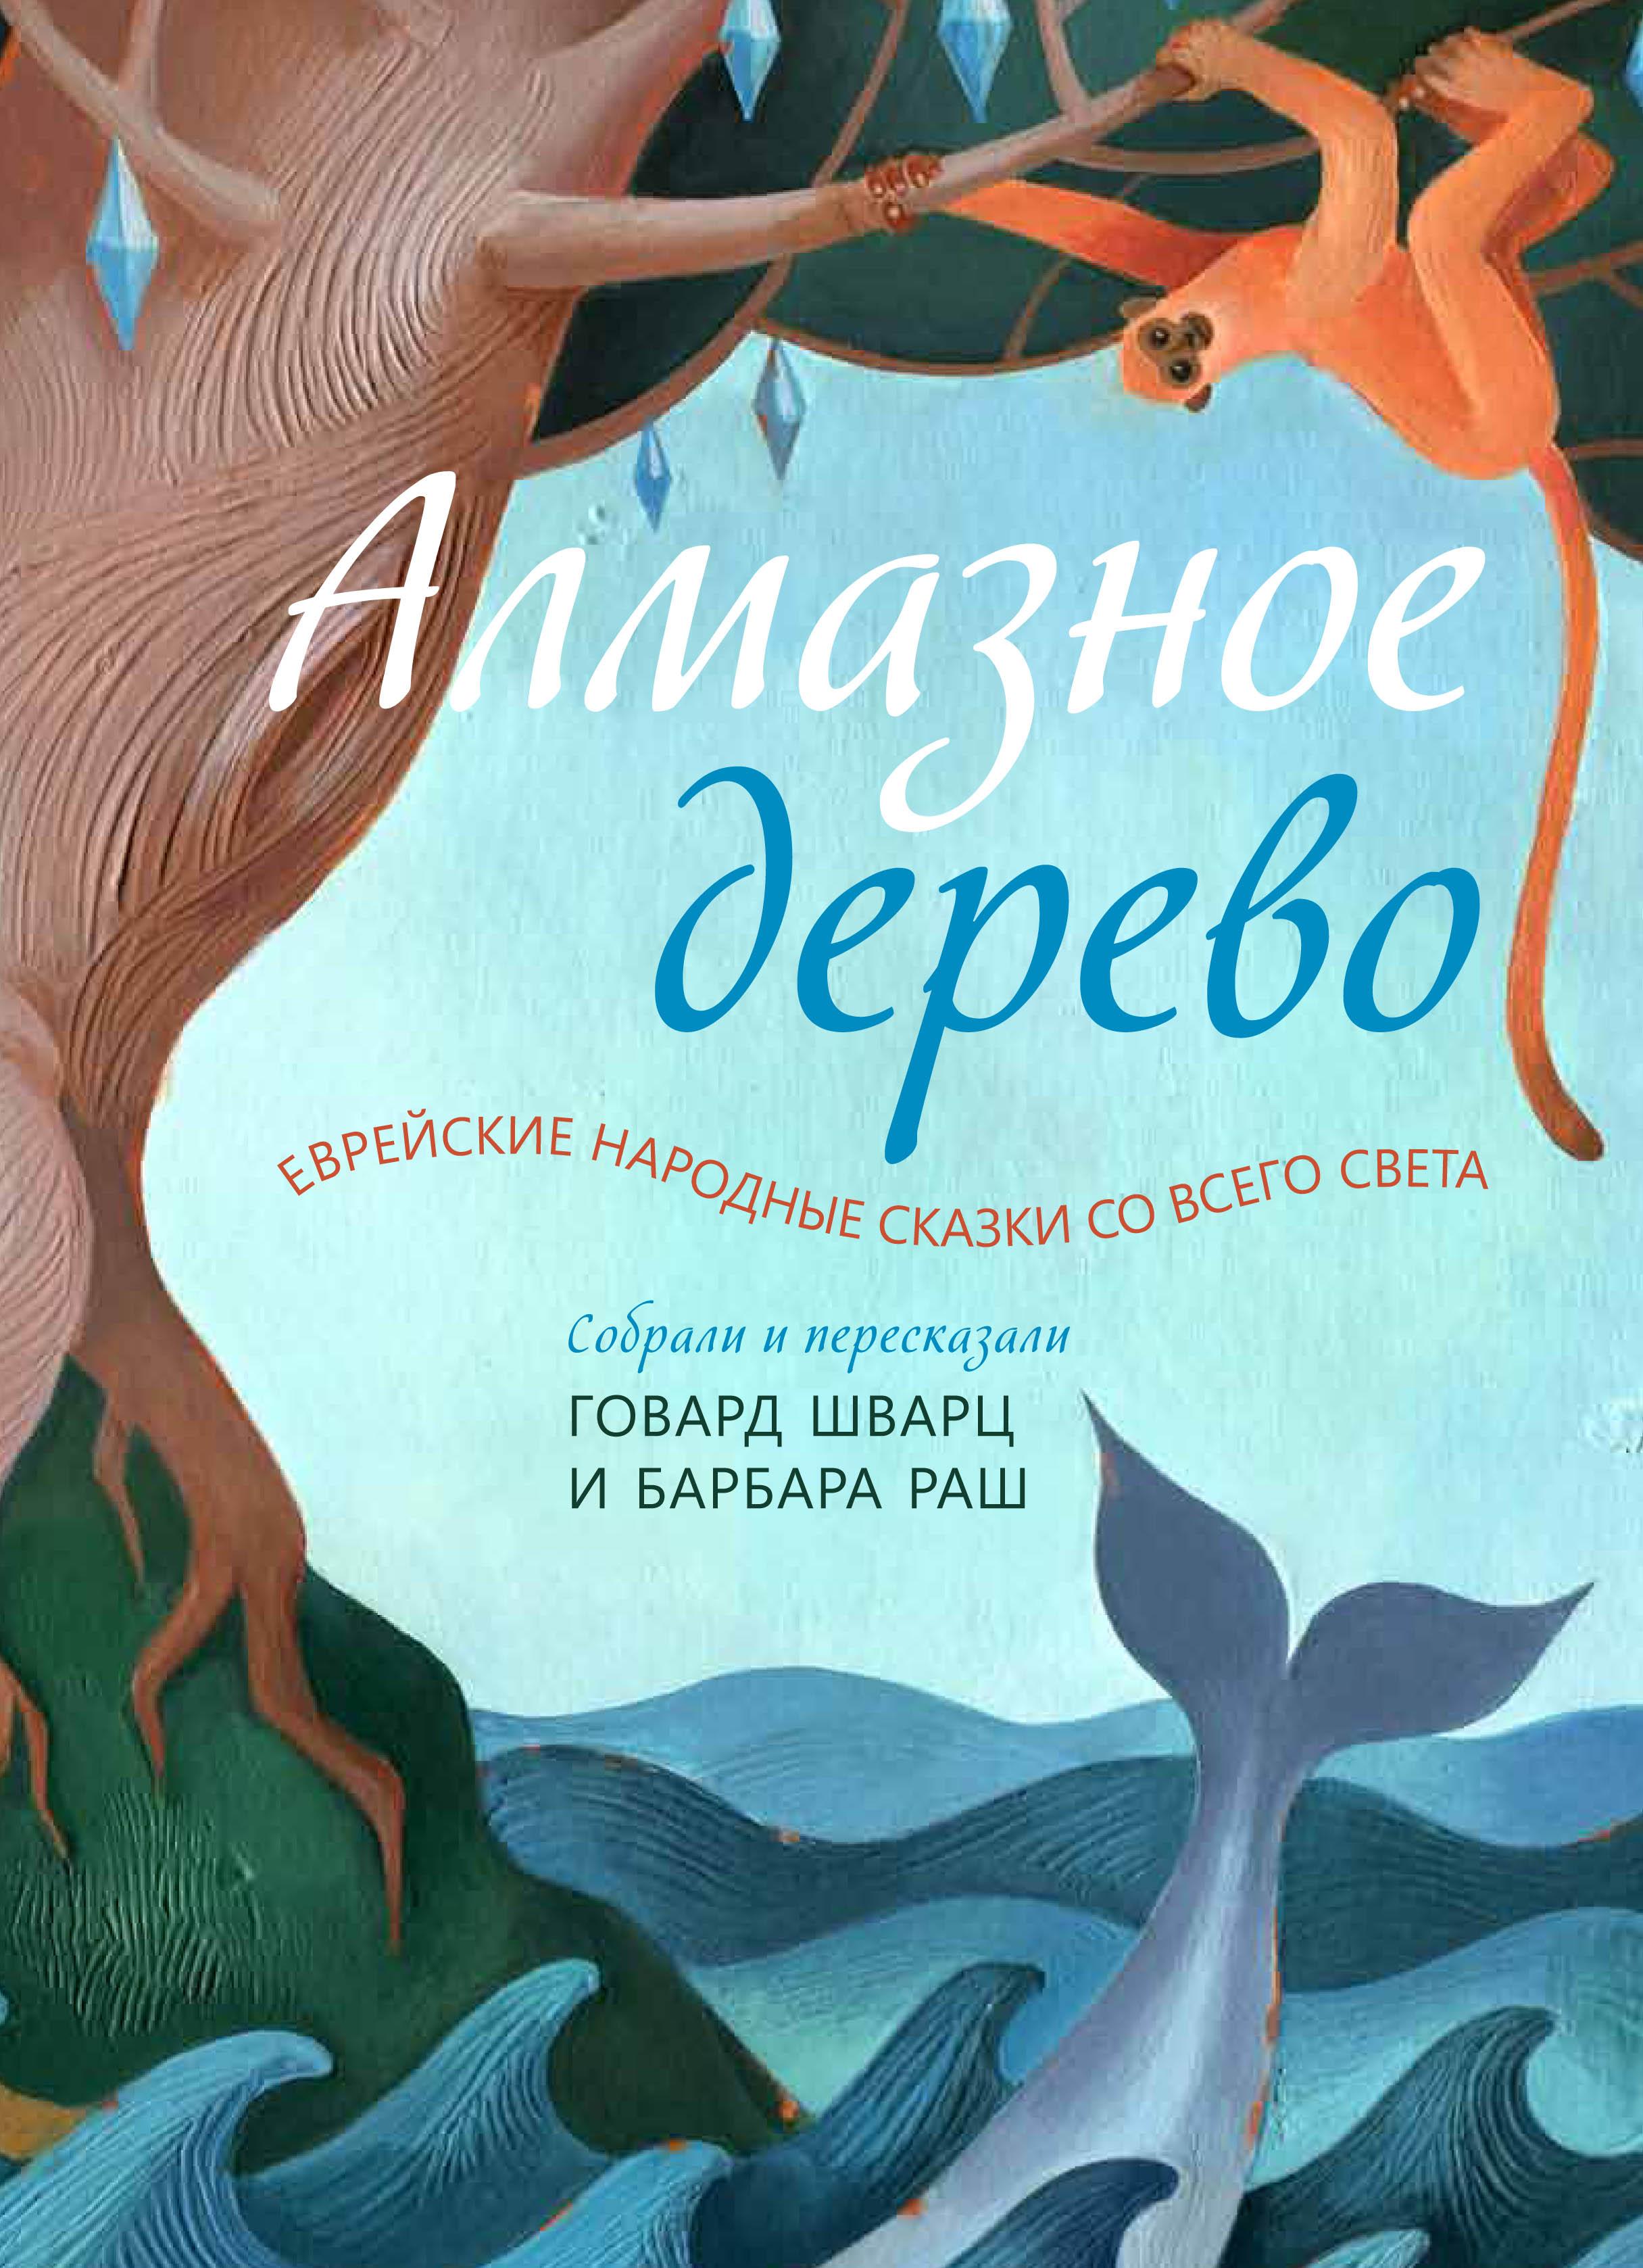 Сборник Алмазное дерево. Еврейские народные сказки со всего света